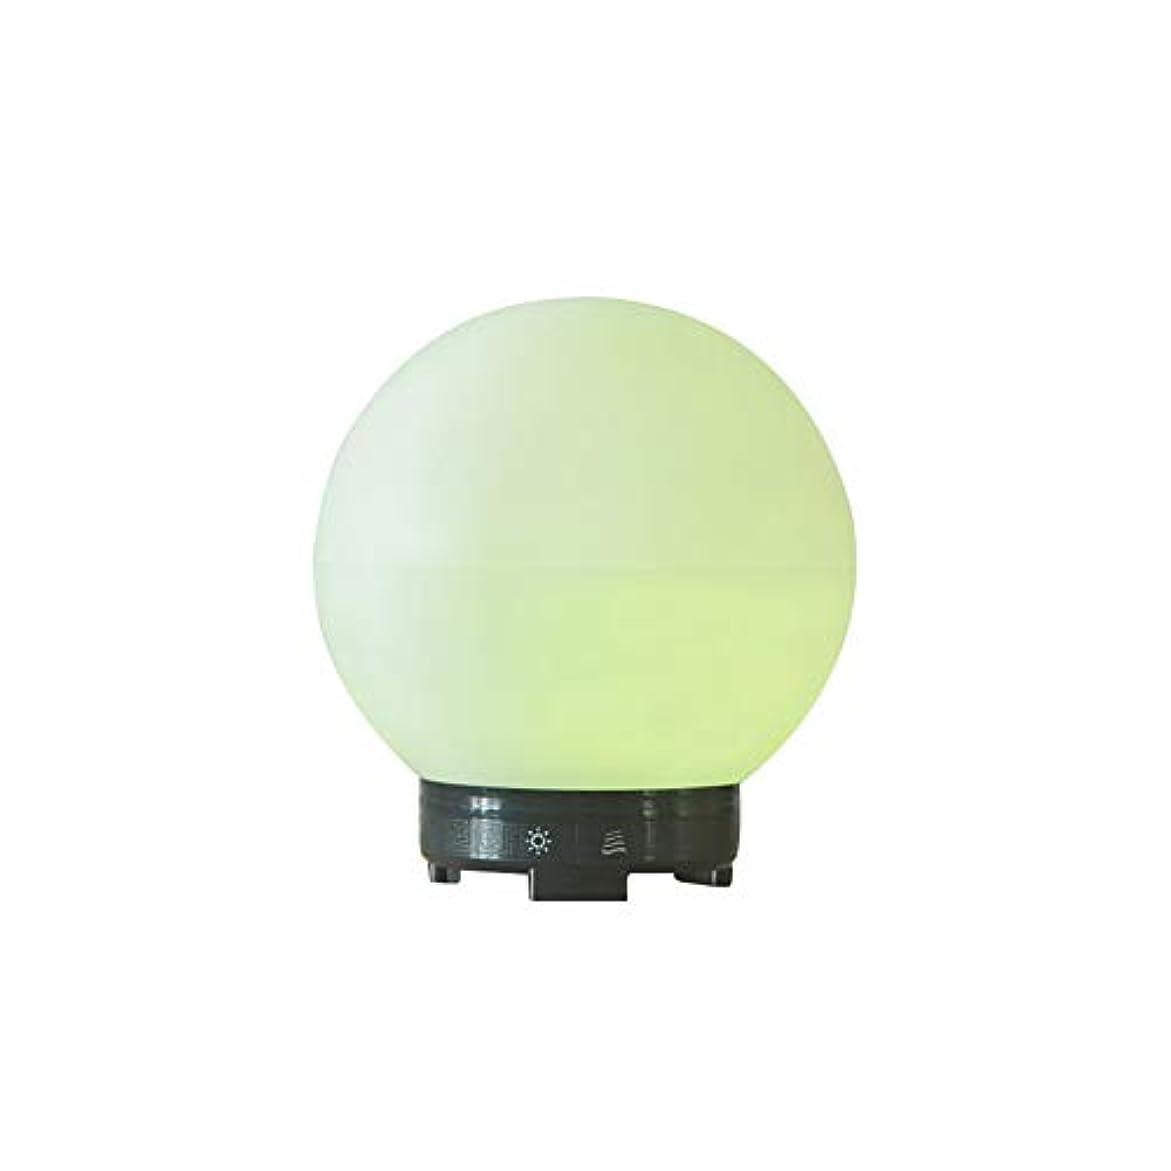 メイエラバーゲン特権エッセンシャルオイルディフューザーと加湿器、ミストエッセンシャルオイルアロマ加湿器用の超音波アロマディフューザー、7色LEDライト